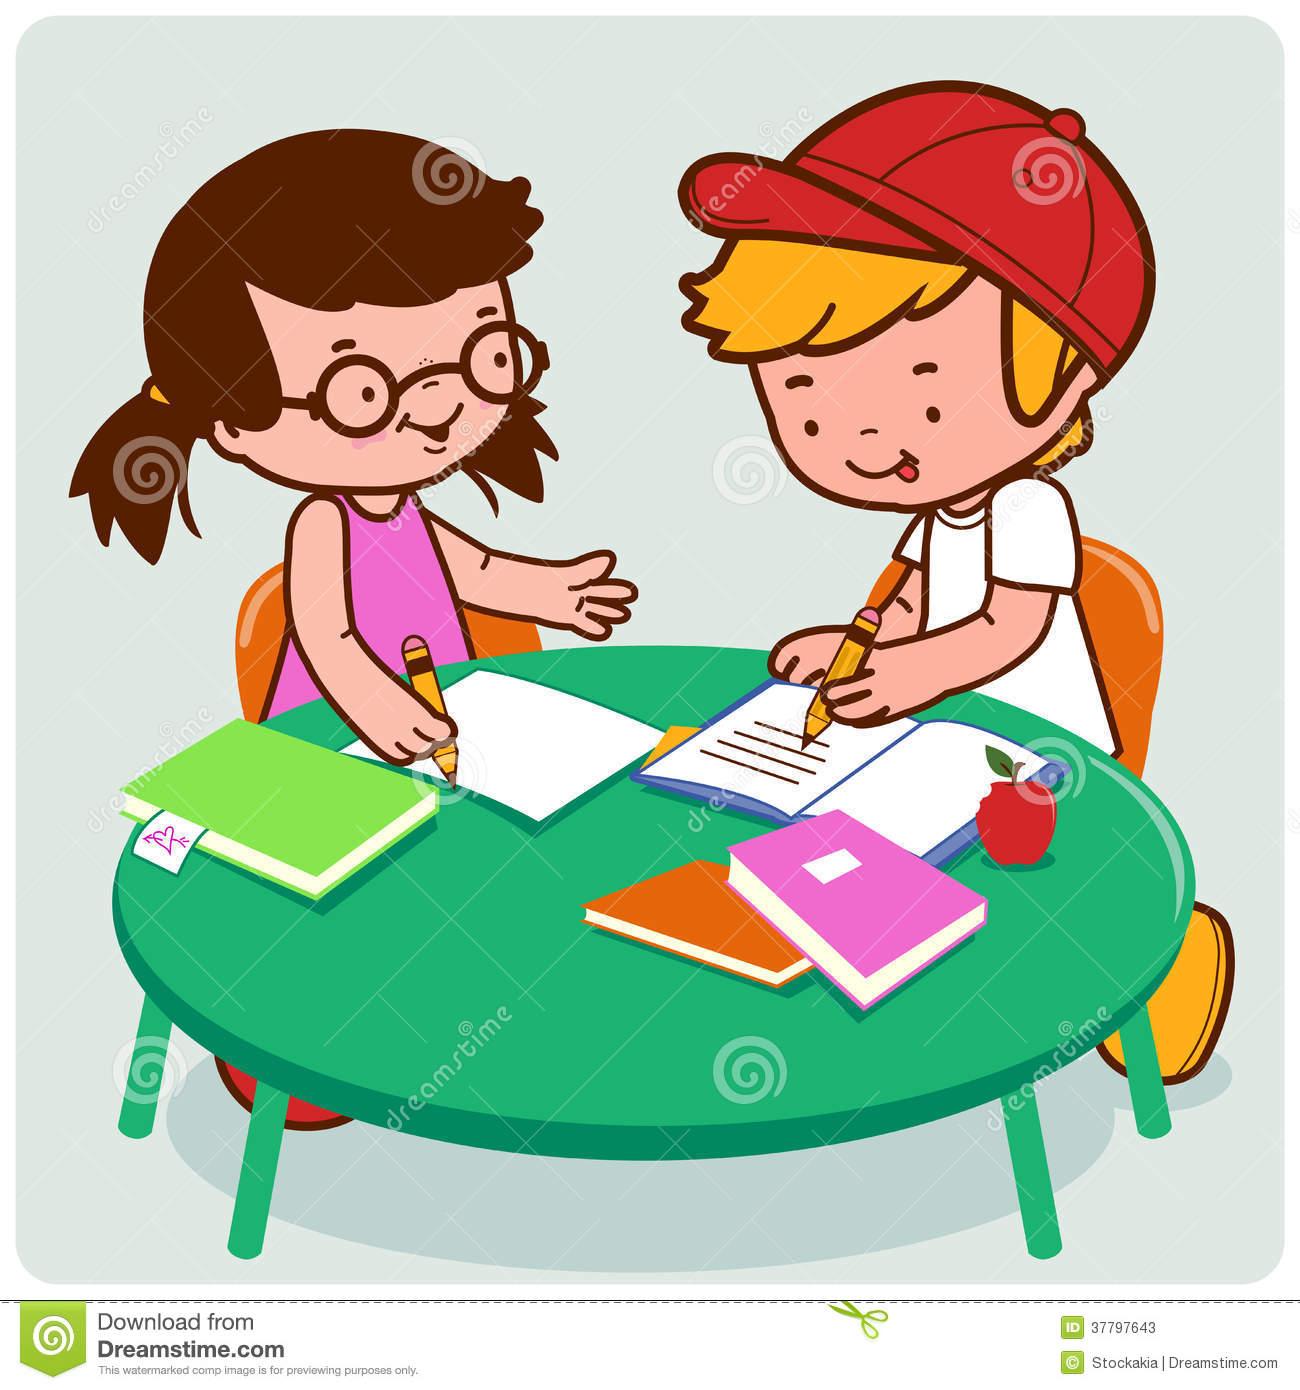 Homework clipart homework help Friends Doing Clipart Friends Homework